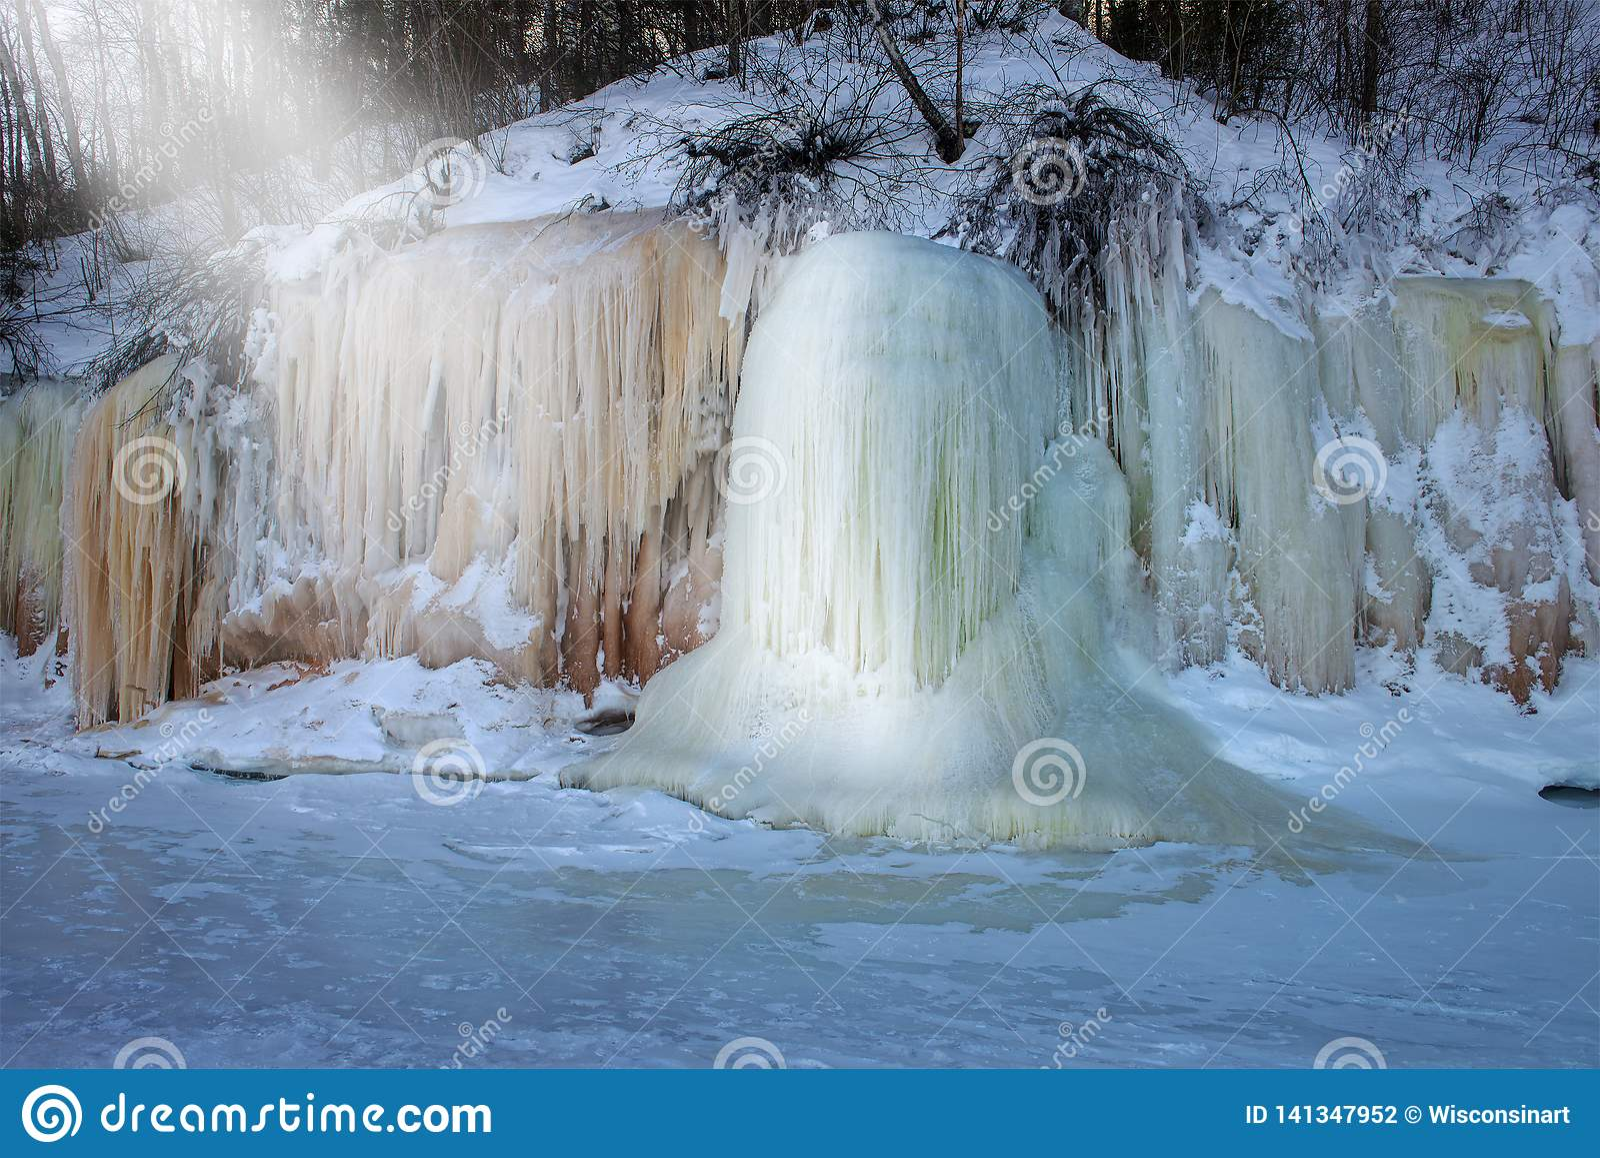 Острова апостола морозят пещеры, зиму, перемещение Висконсин